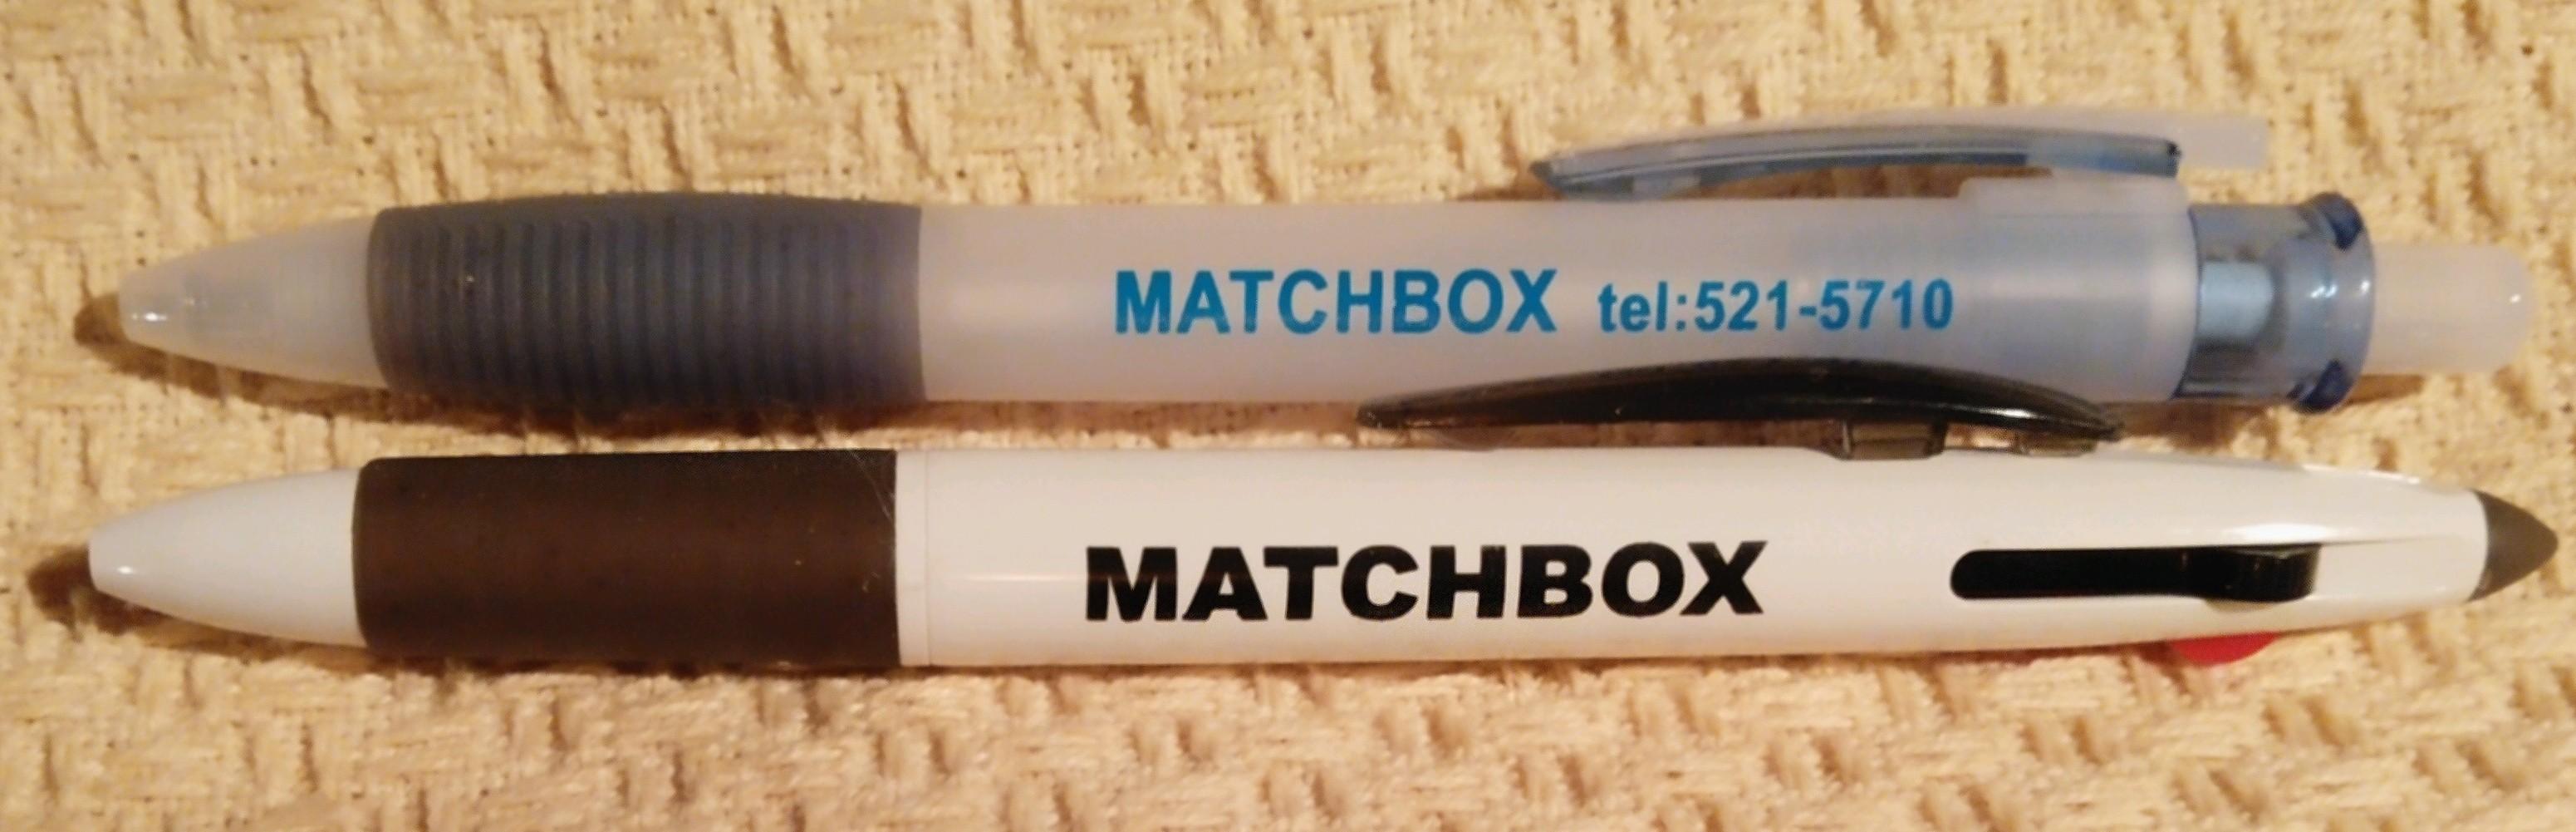 MATCHBOX オリジナル ボールペン